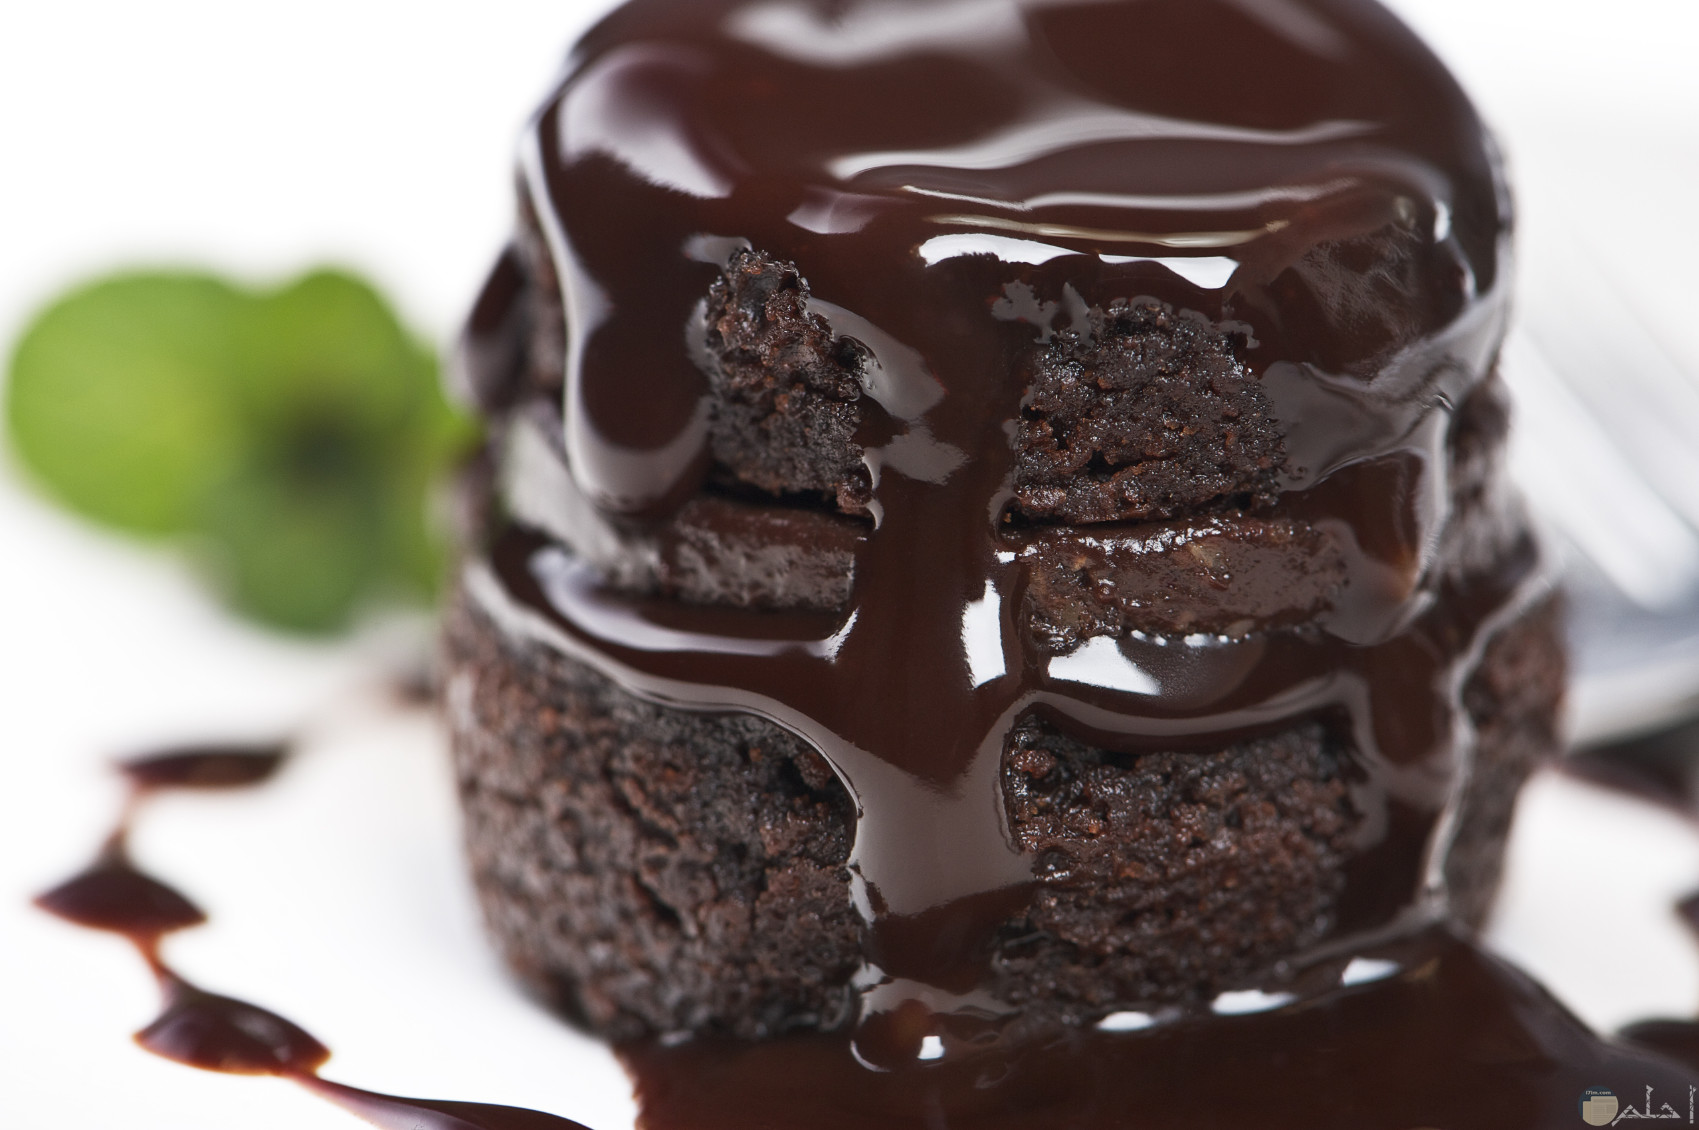 قطعة شوكولاته محشوة و مغطاه بالشكولاته السائلة.